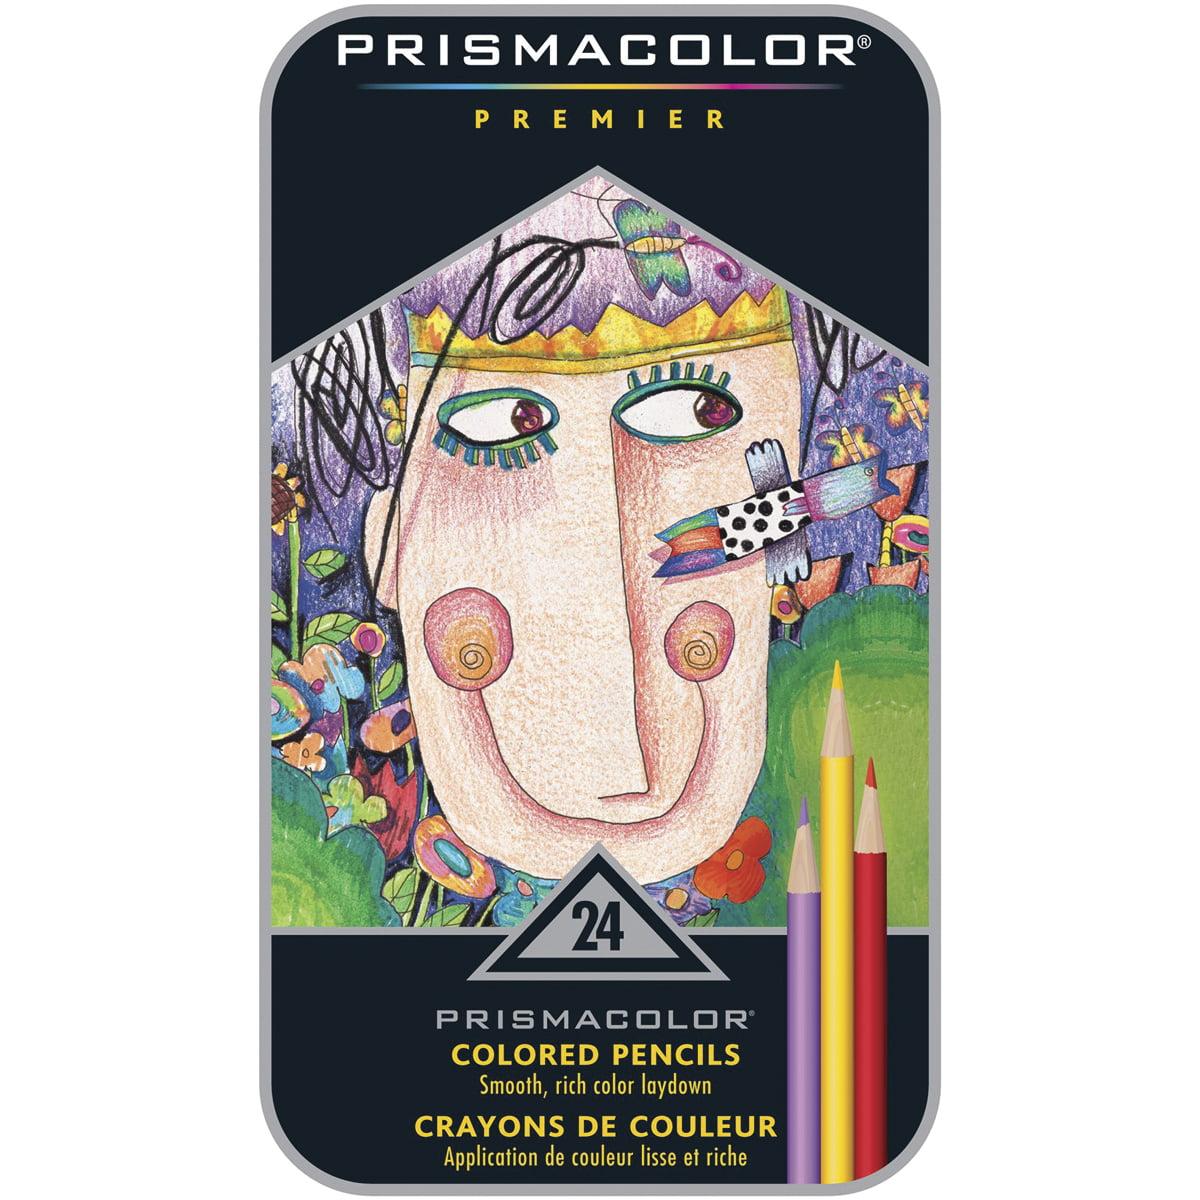 Prismacolor Premier Colored Pencils, 24 Count